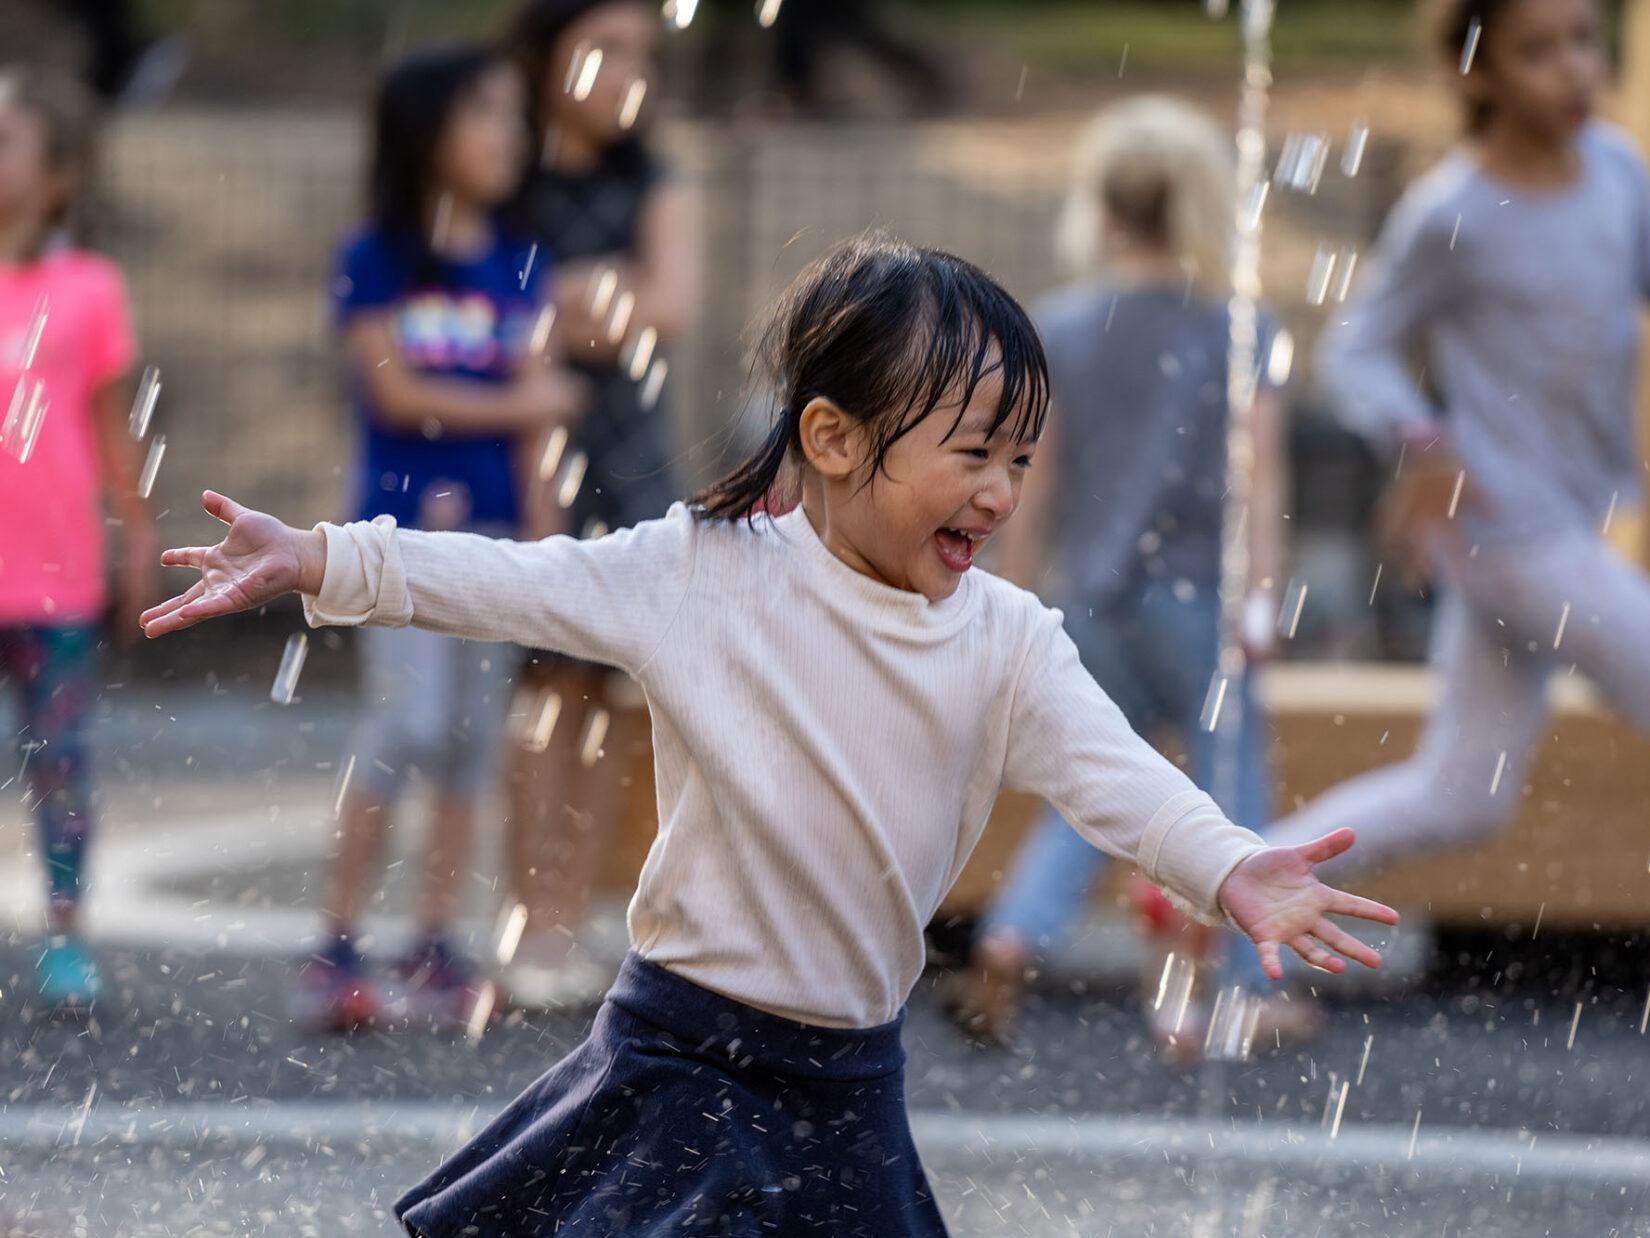 A young girl runs joyfully through the spray of a fountain